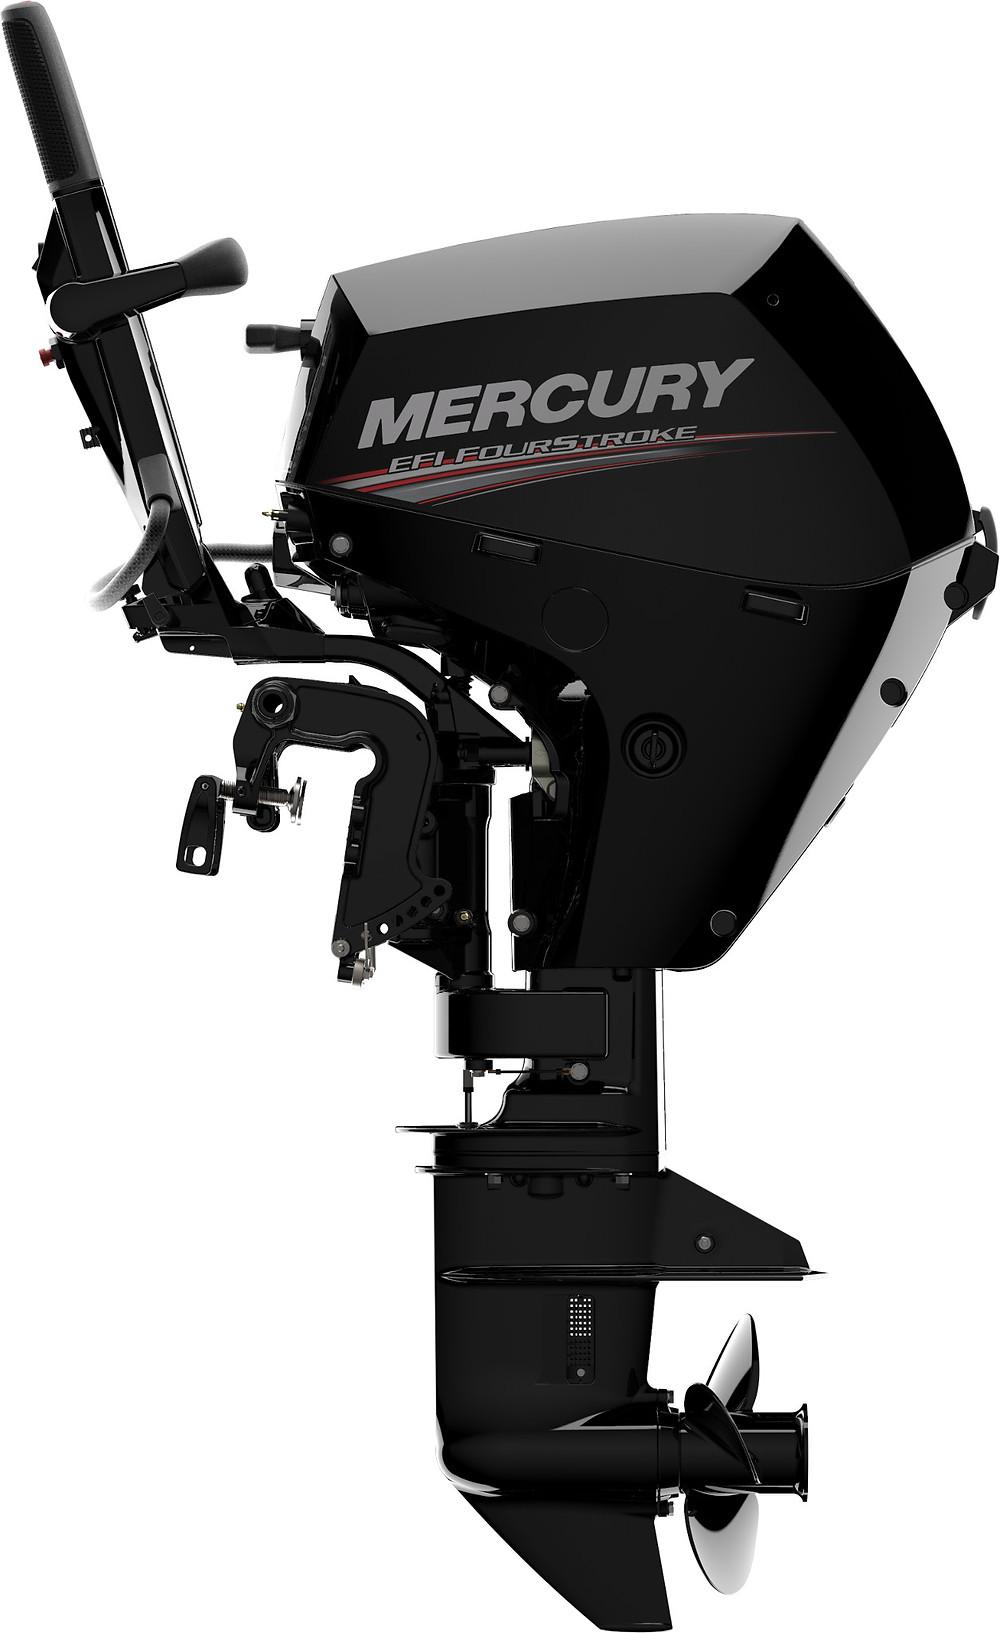 τετράχρονος κινητήρας mercury 15 ίππων